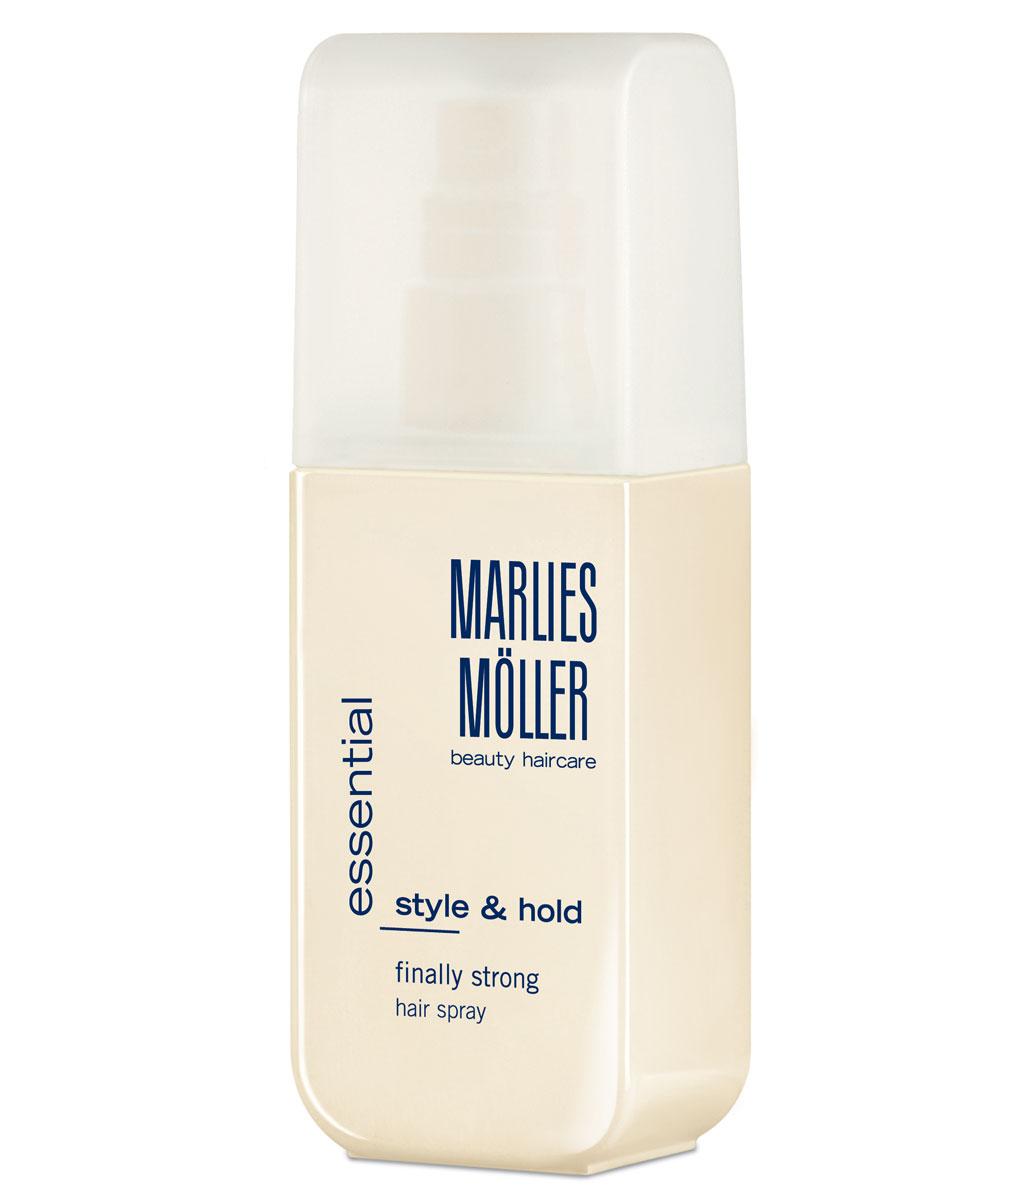 Marlies Moller Лак для волос Styling, сильная фиксация, 125 мл25673MMsЖидкий лак - самый популярный, содержит гибкие полимеры для укладки. Обеспечивает сильную фиксацию без склеивания и шелковый блеск волос! Легко удаляется с волос. Защищает волосы от влажного воздуха. Подходит для любого типа укладки. Сложные прически, гладкие, приподнимает корни.Завершая укладку, нанесите лак, держа флакон на расстоянии 20-30 см.